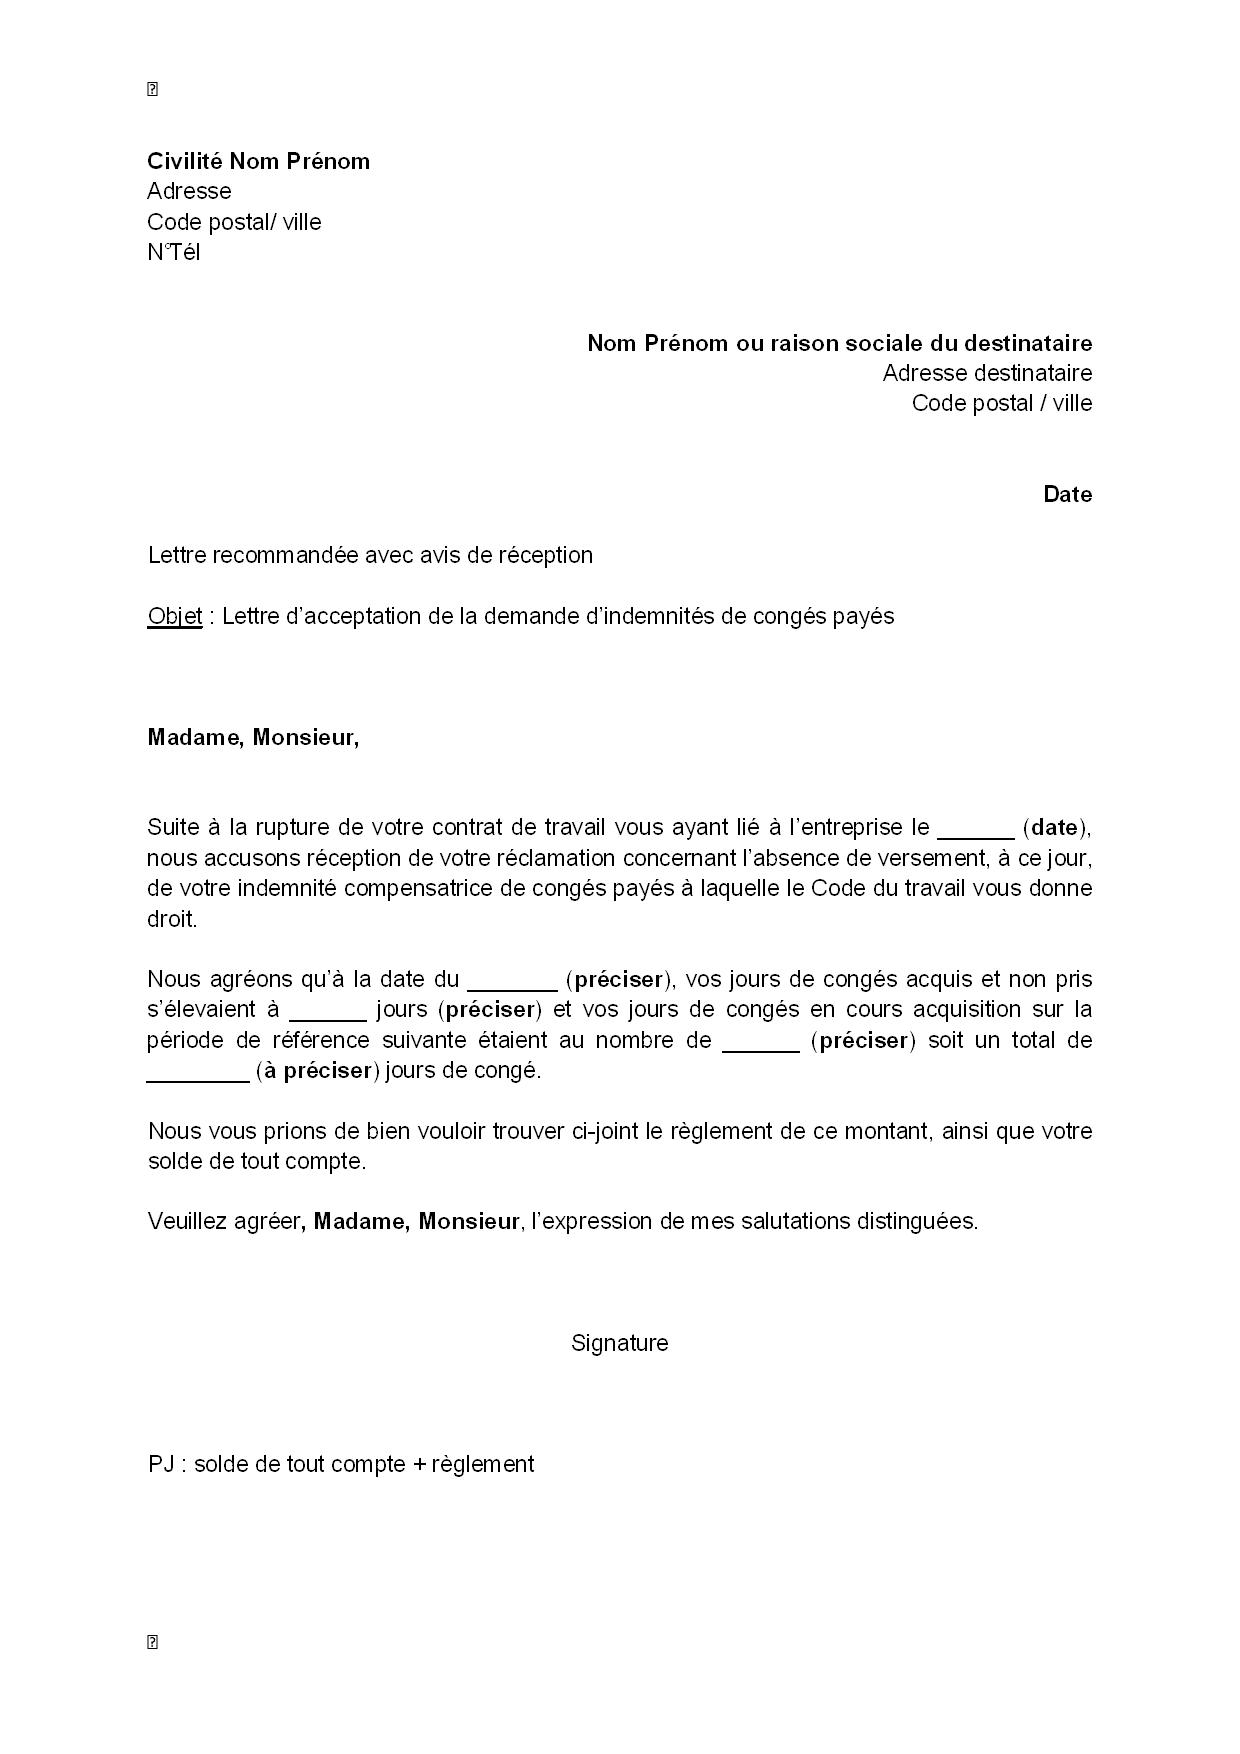 exemple lettre de demission avec conges payes Exemple lettre de demission avec conges payes   Modèle de lettre exemple lettre de demission avec conges payes